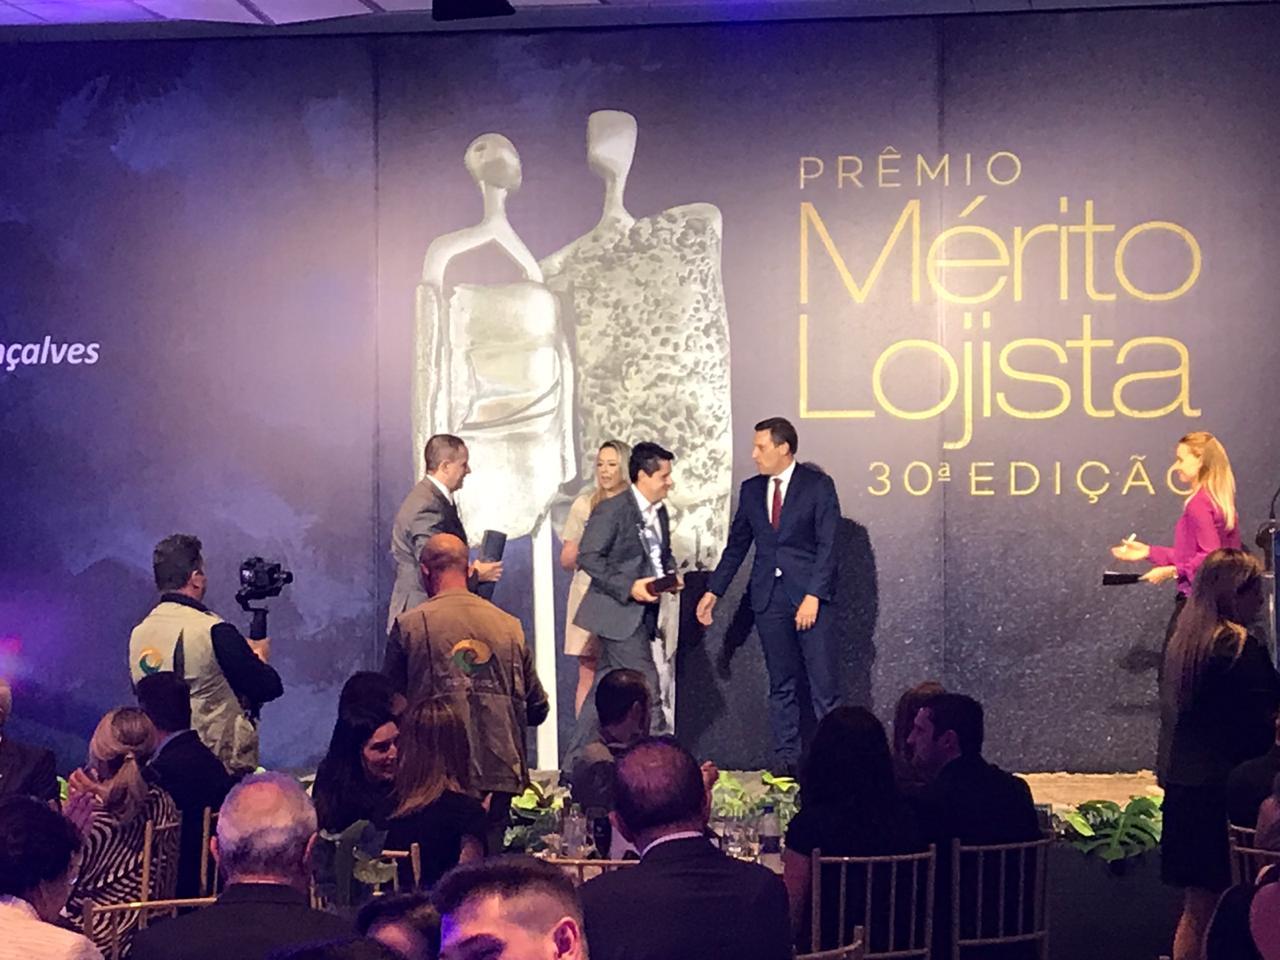 caita_supermercados_premio_merito_logista_bento_03